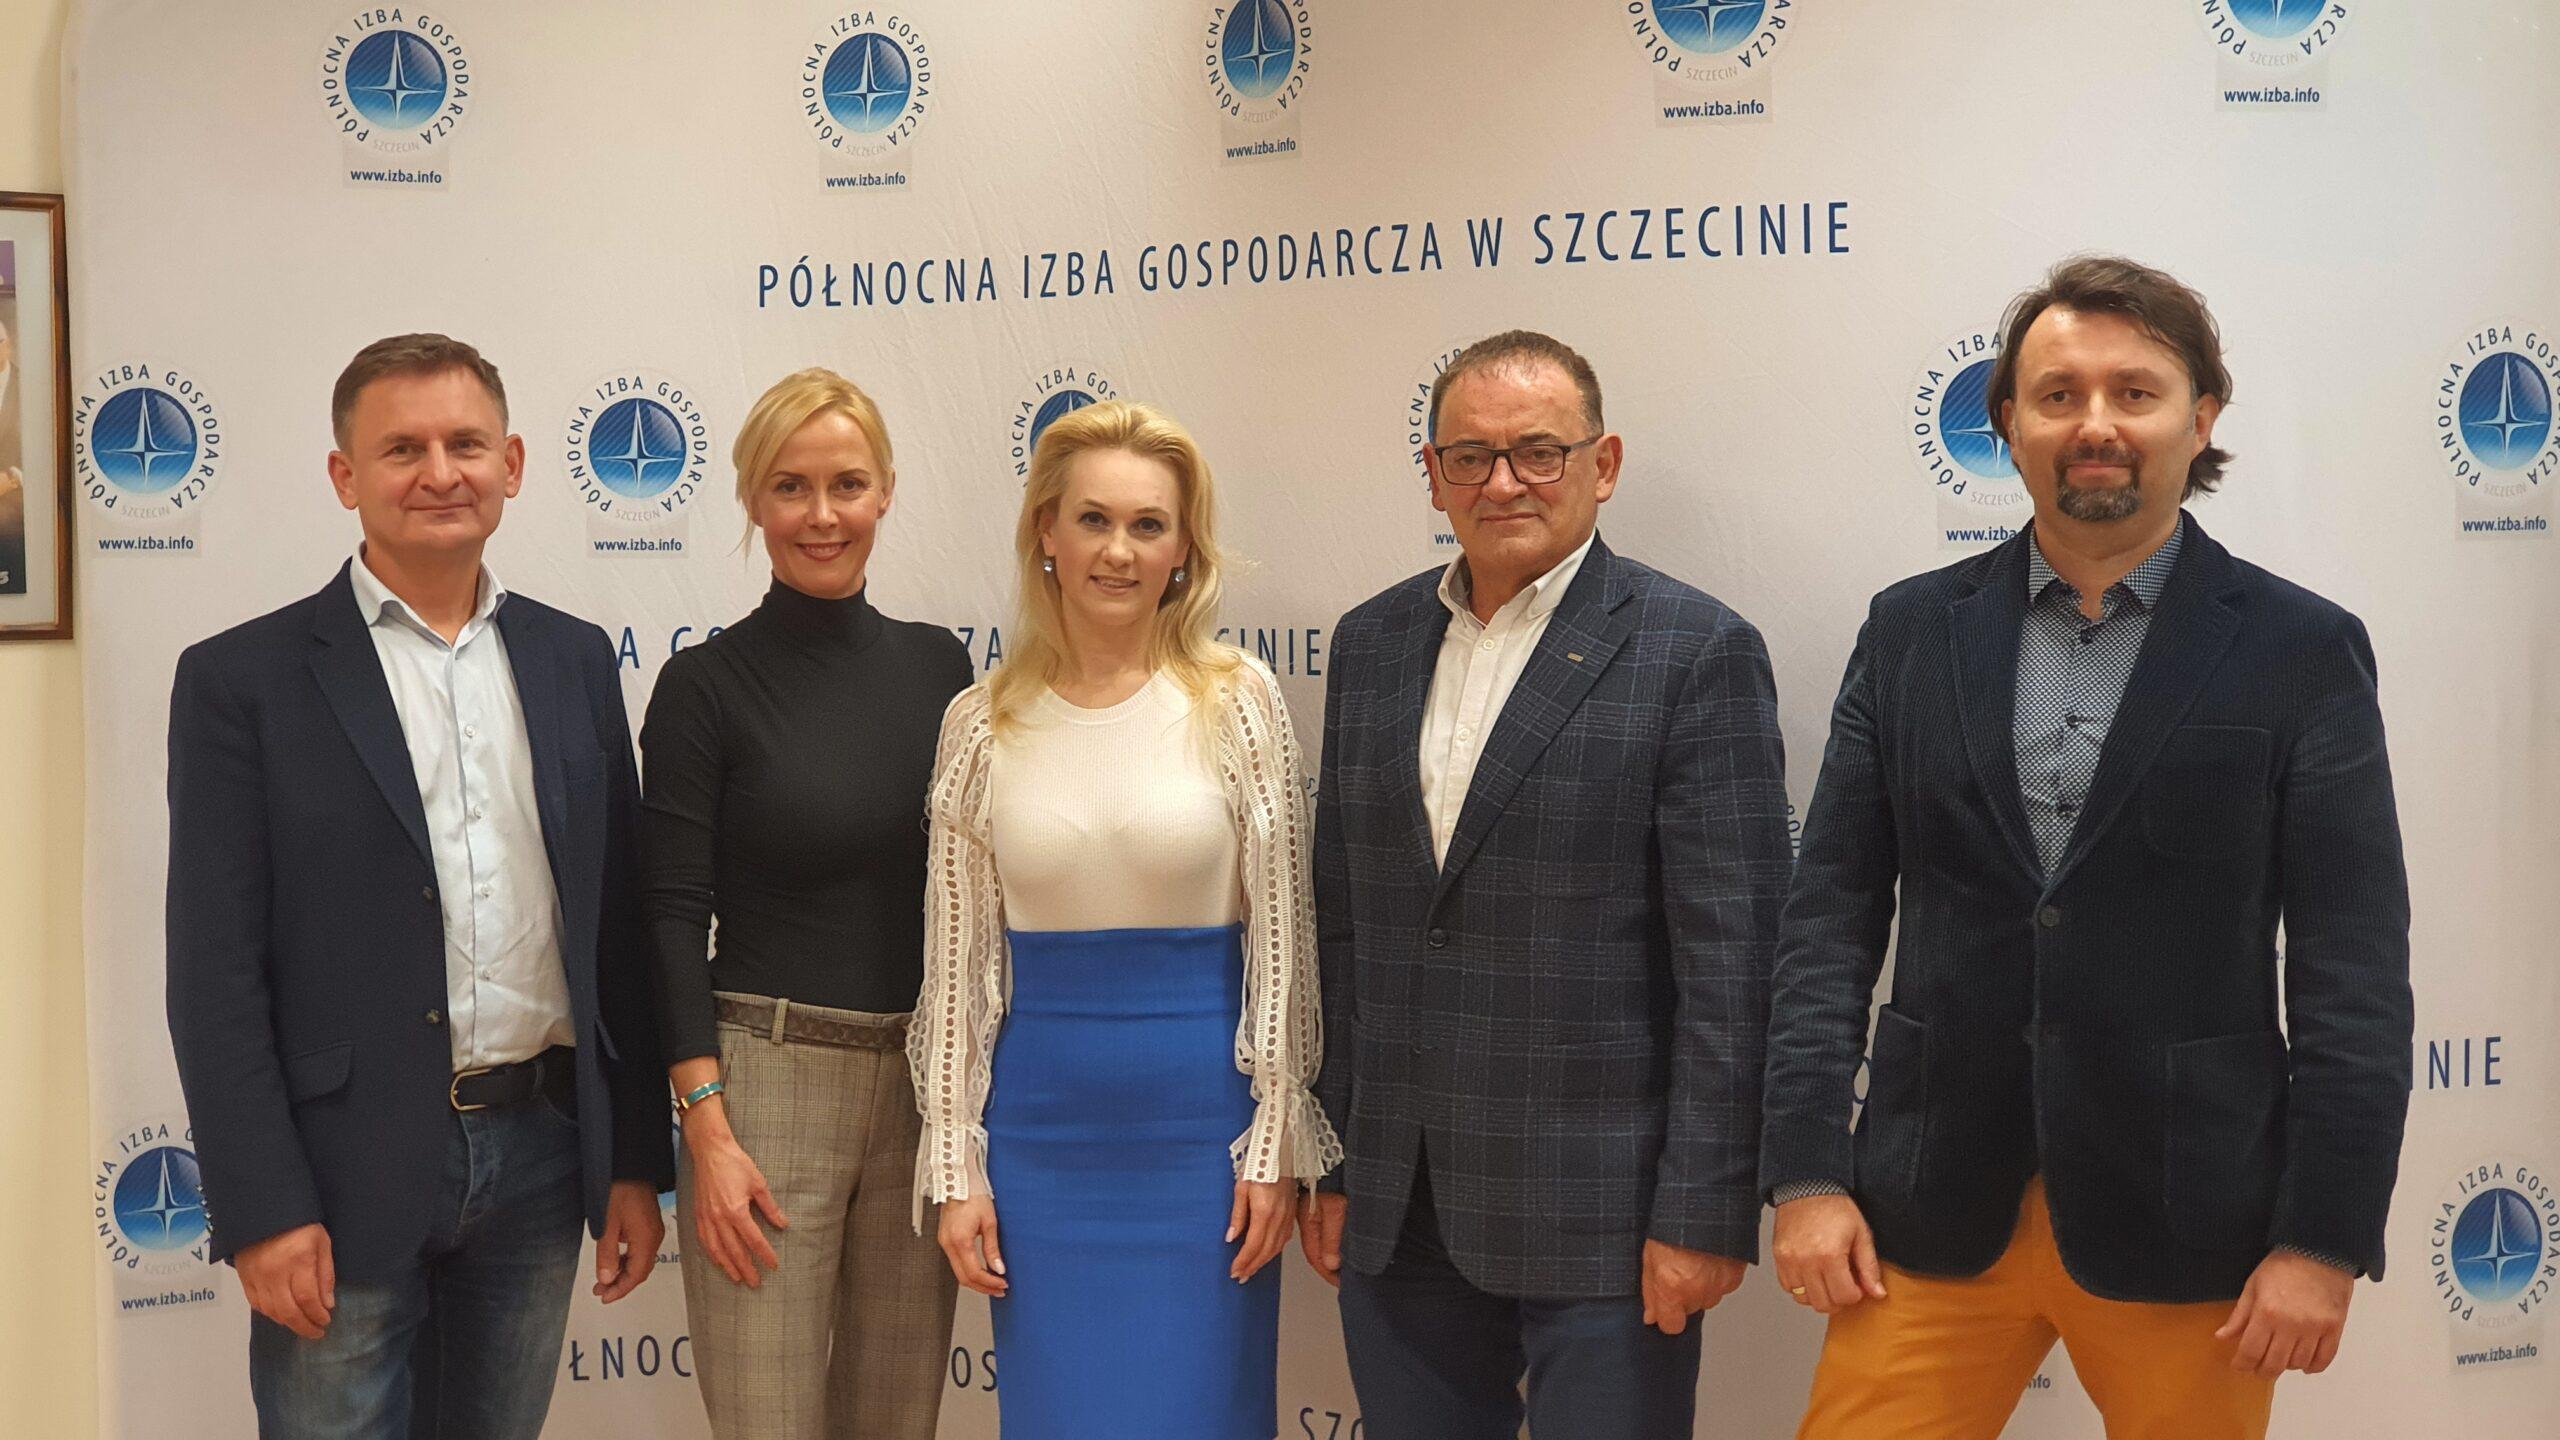 Nowe prezydium Północnej Izby Gospodarczej w Szczecinie